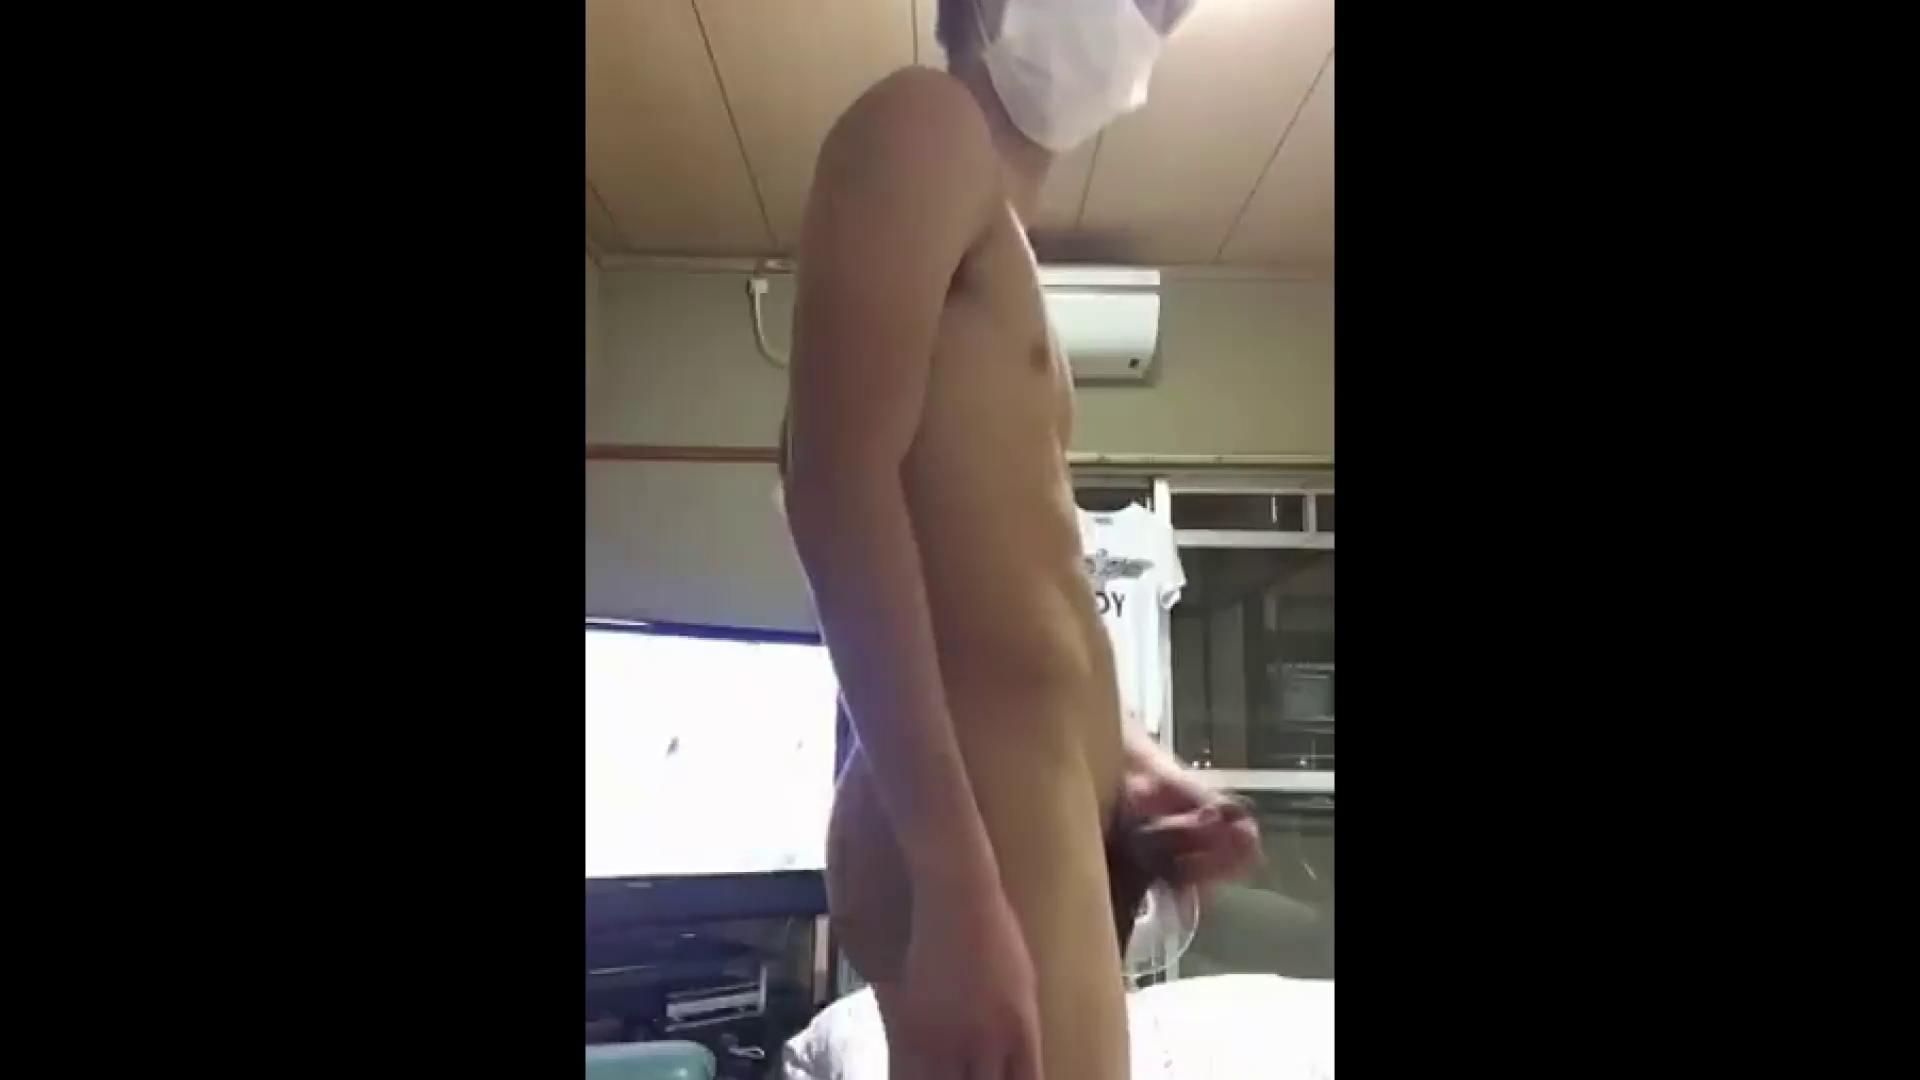 巨根 オナニー塾Vol.17 オナニー アダルトビデオ画像キャプチャ 70pic 52